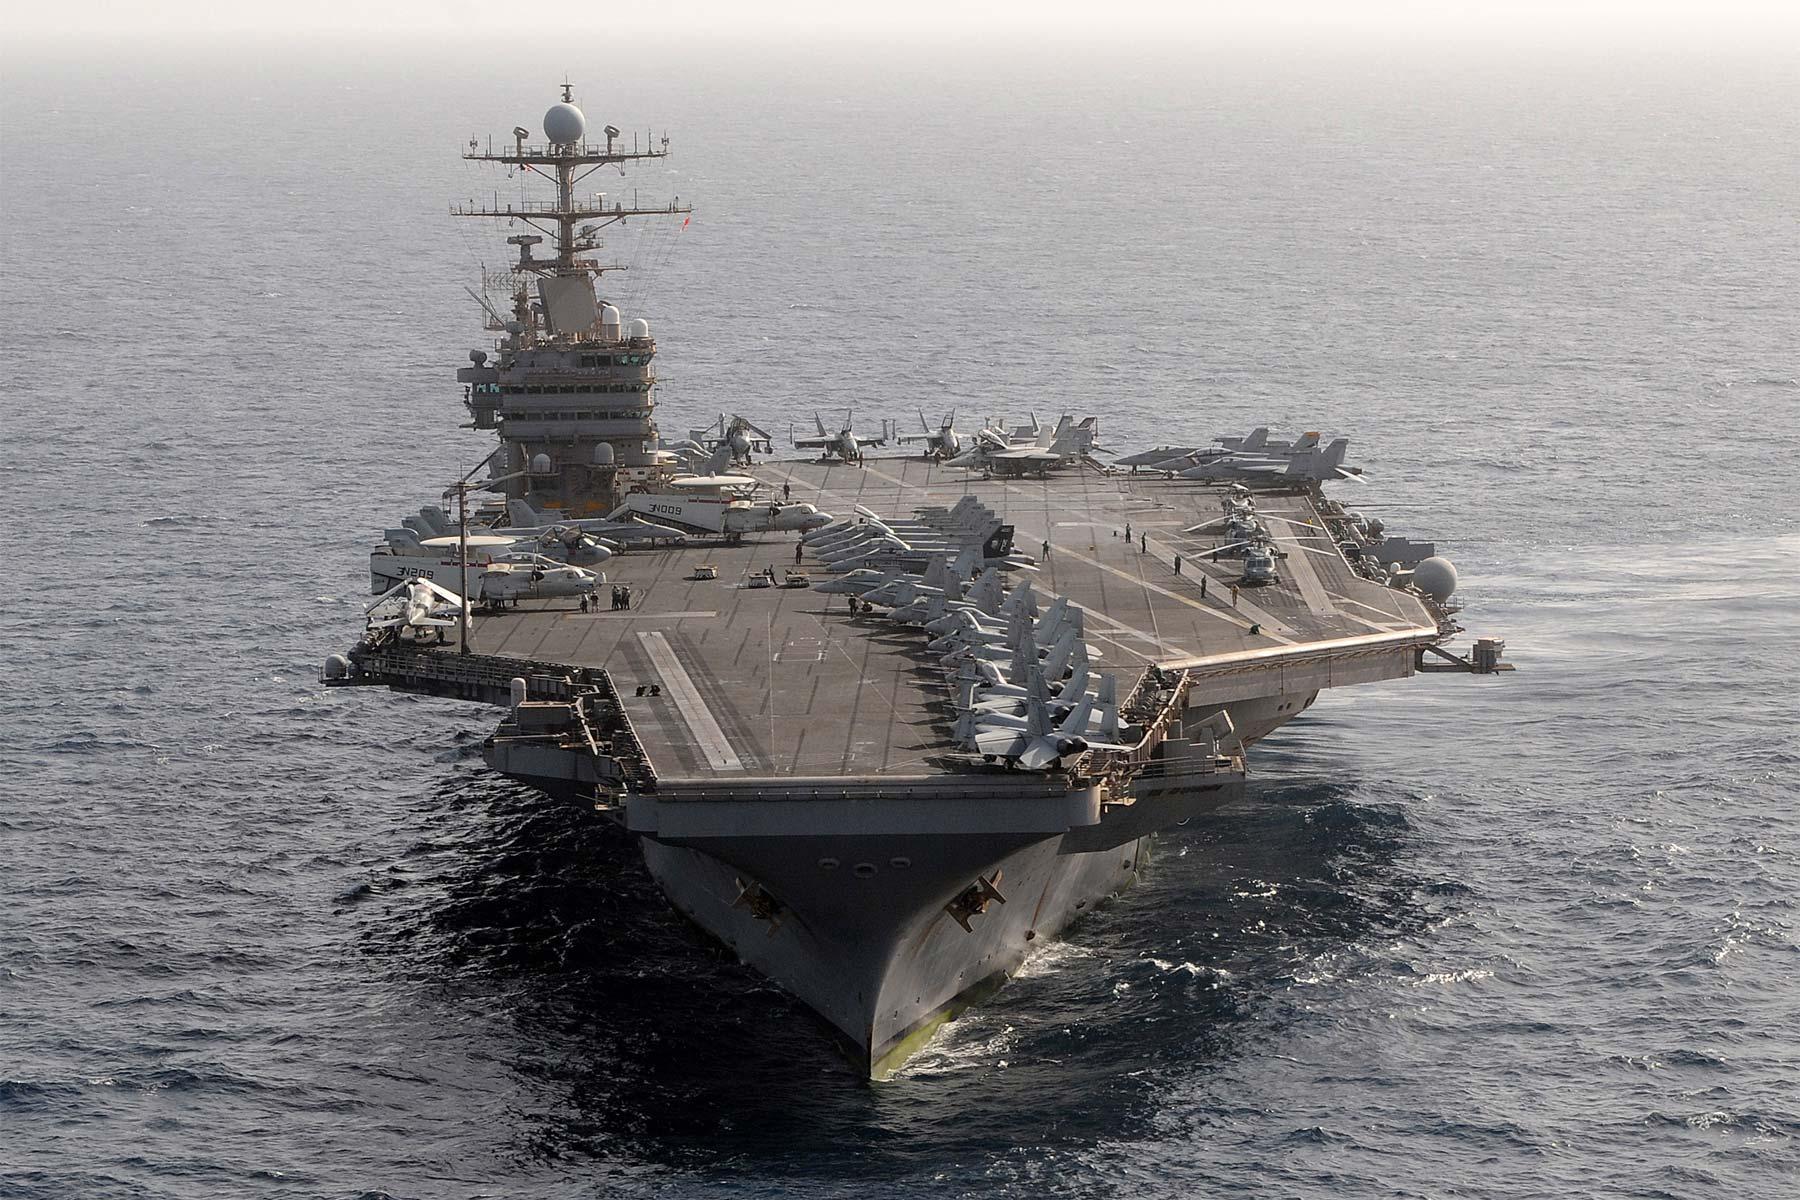 'Top Gun' Sequel Filming Aboard Aircraft Carrier USS Abraham Lincoln